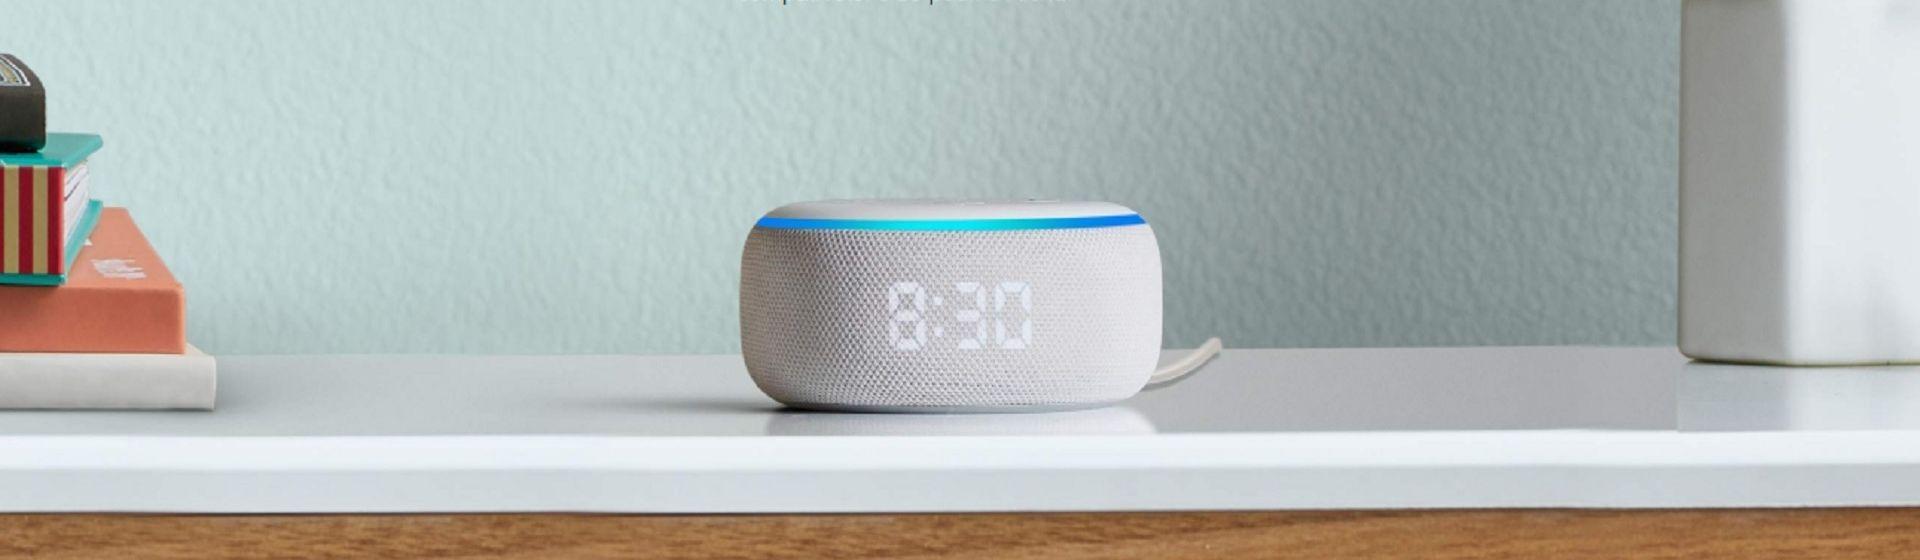 Amazon lança Echo Dot com relógio no brasil; veja preço e disponibilidade